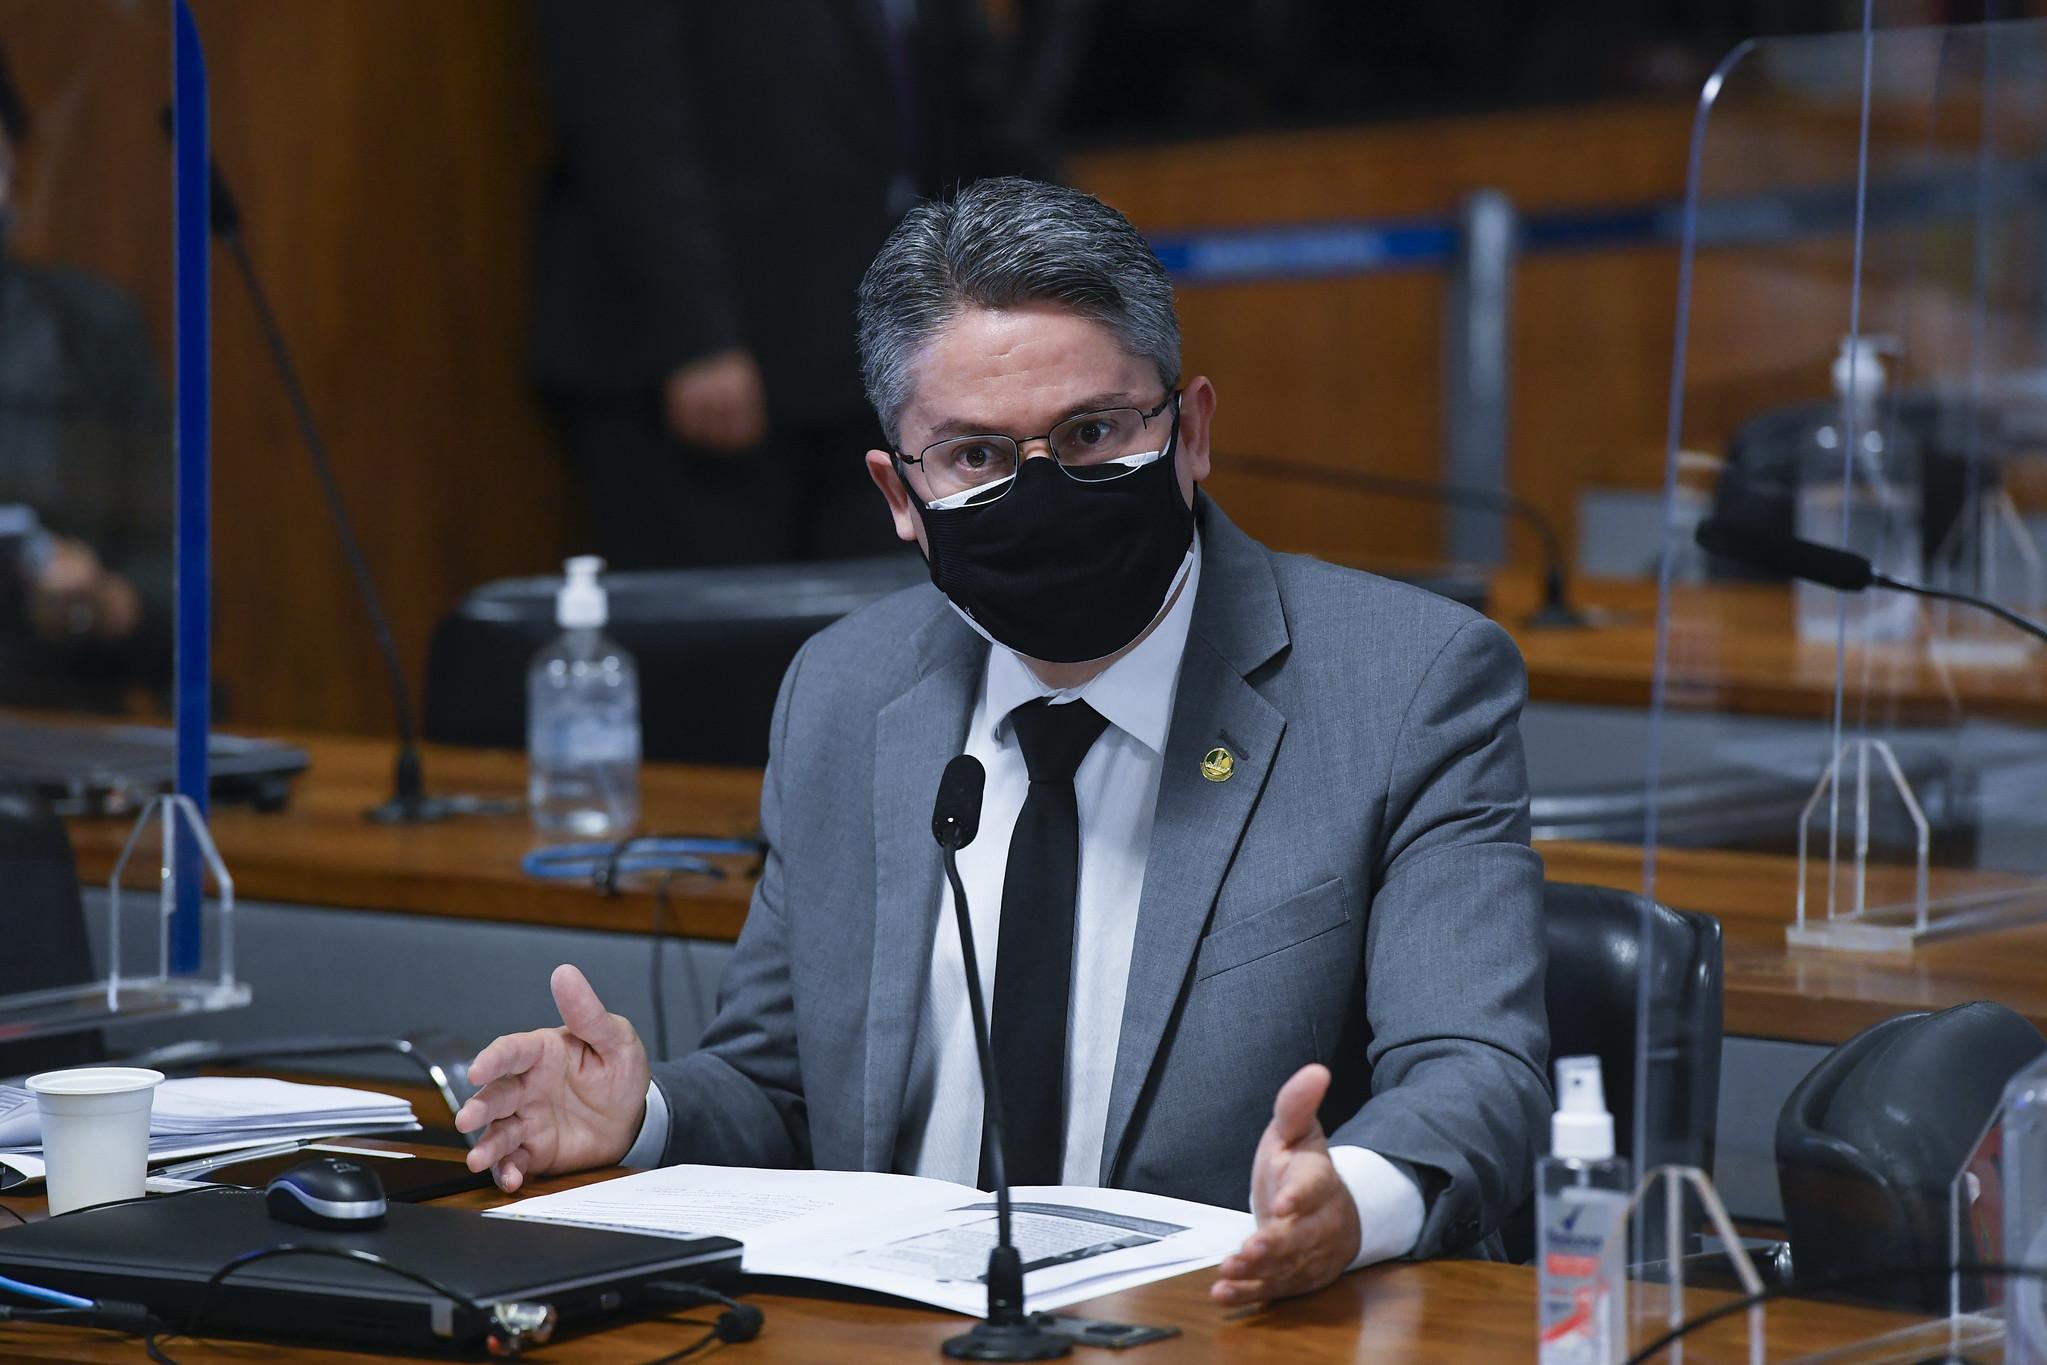 Na CPI da Pandemia, Alessandro Vieira combate o negacionismo. Agora, quer disputar a presidência da República. Foto: Jefferson Rudy/Agência Senado